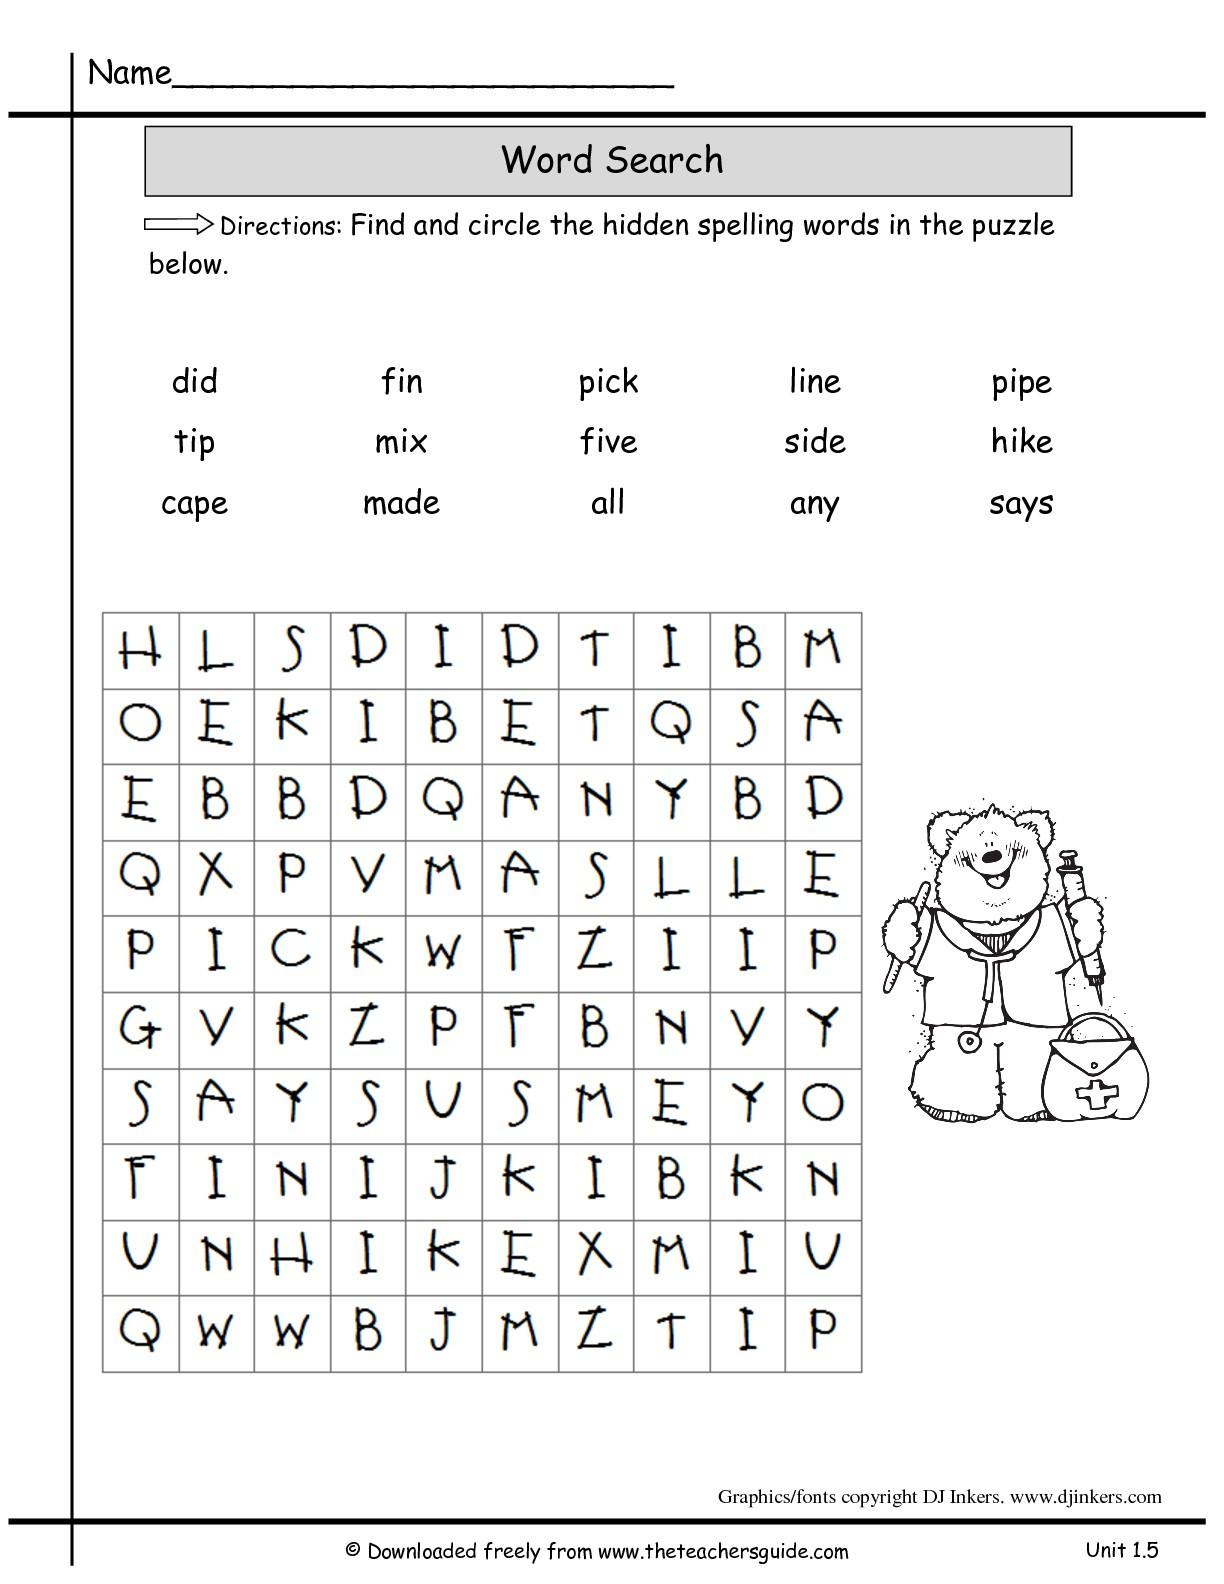 """2nd Grade Spelling Words Worksheets Spelling Words for 2nd Grade Printable لم يسبق له Ù…Ø ÙŠÙ"""" الصور"""